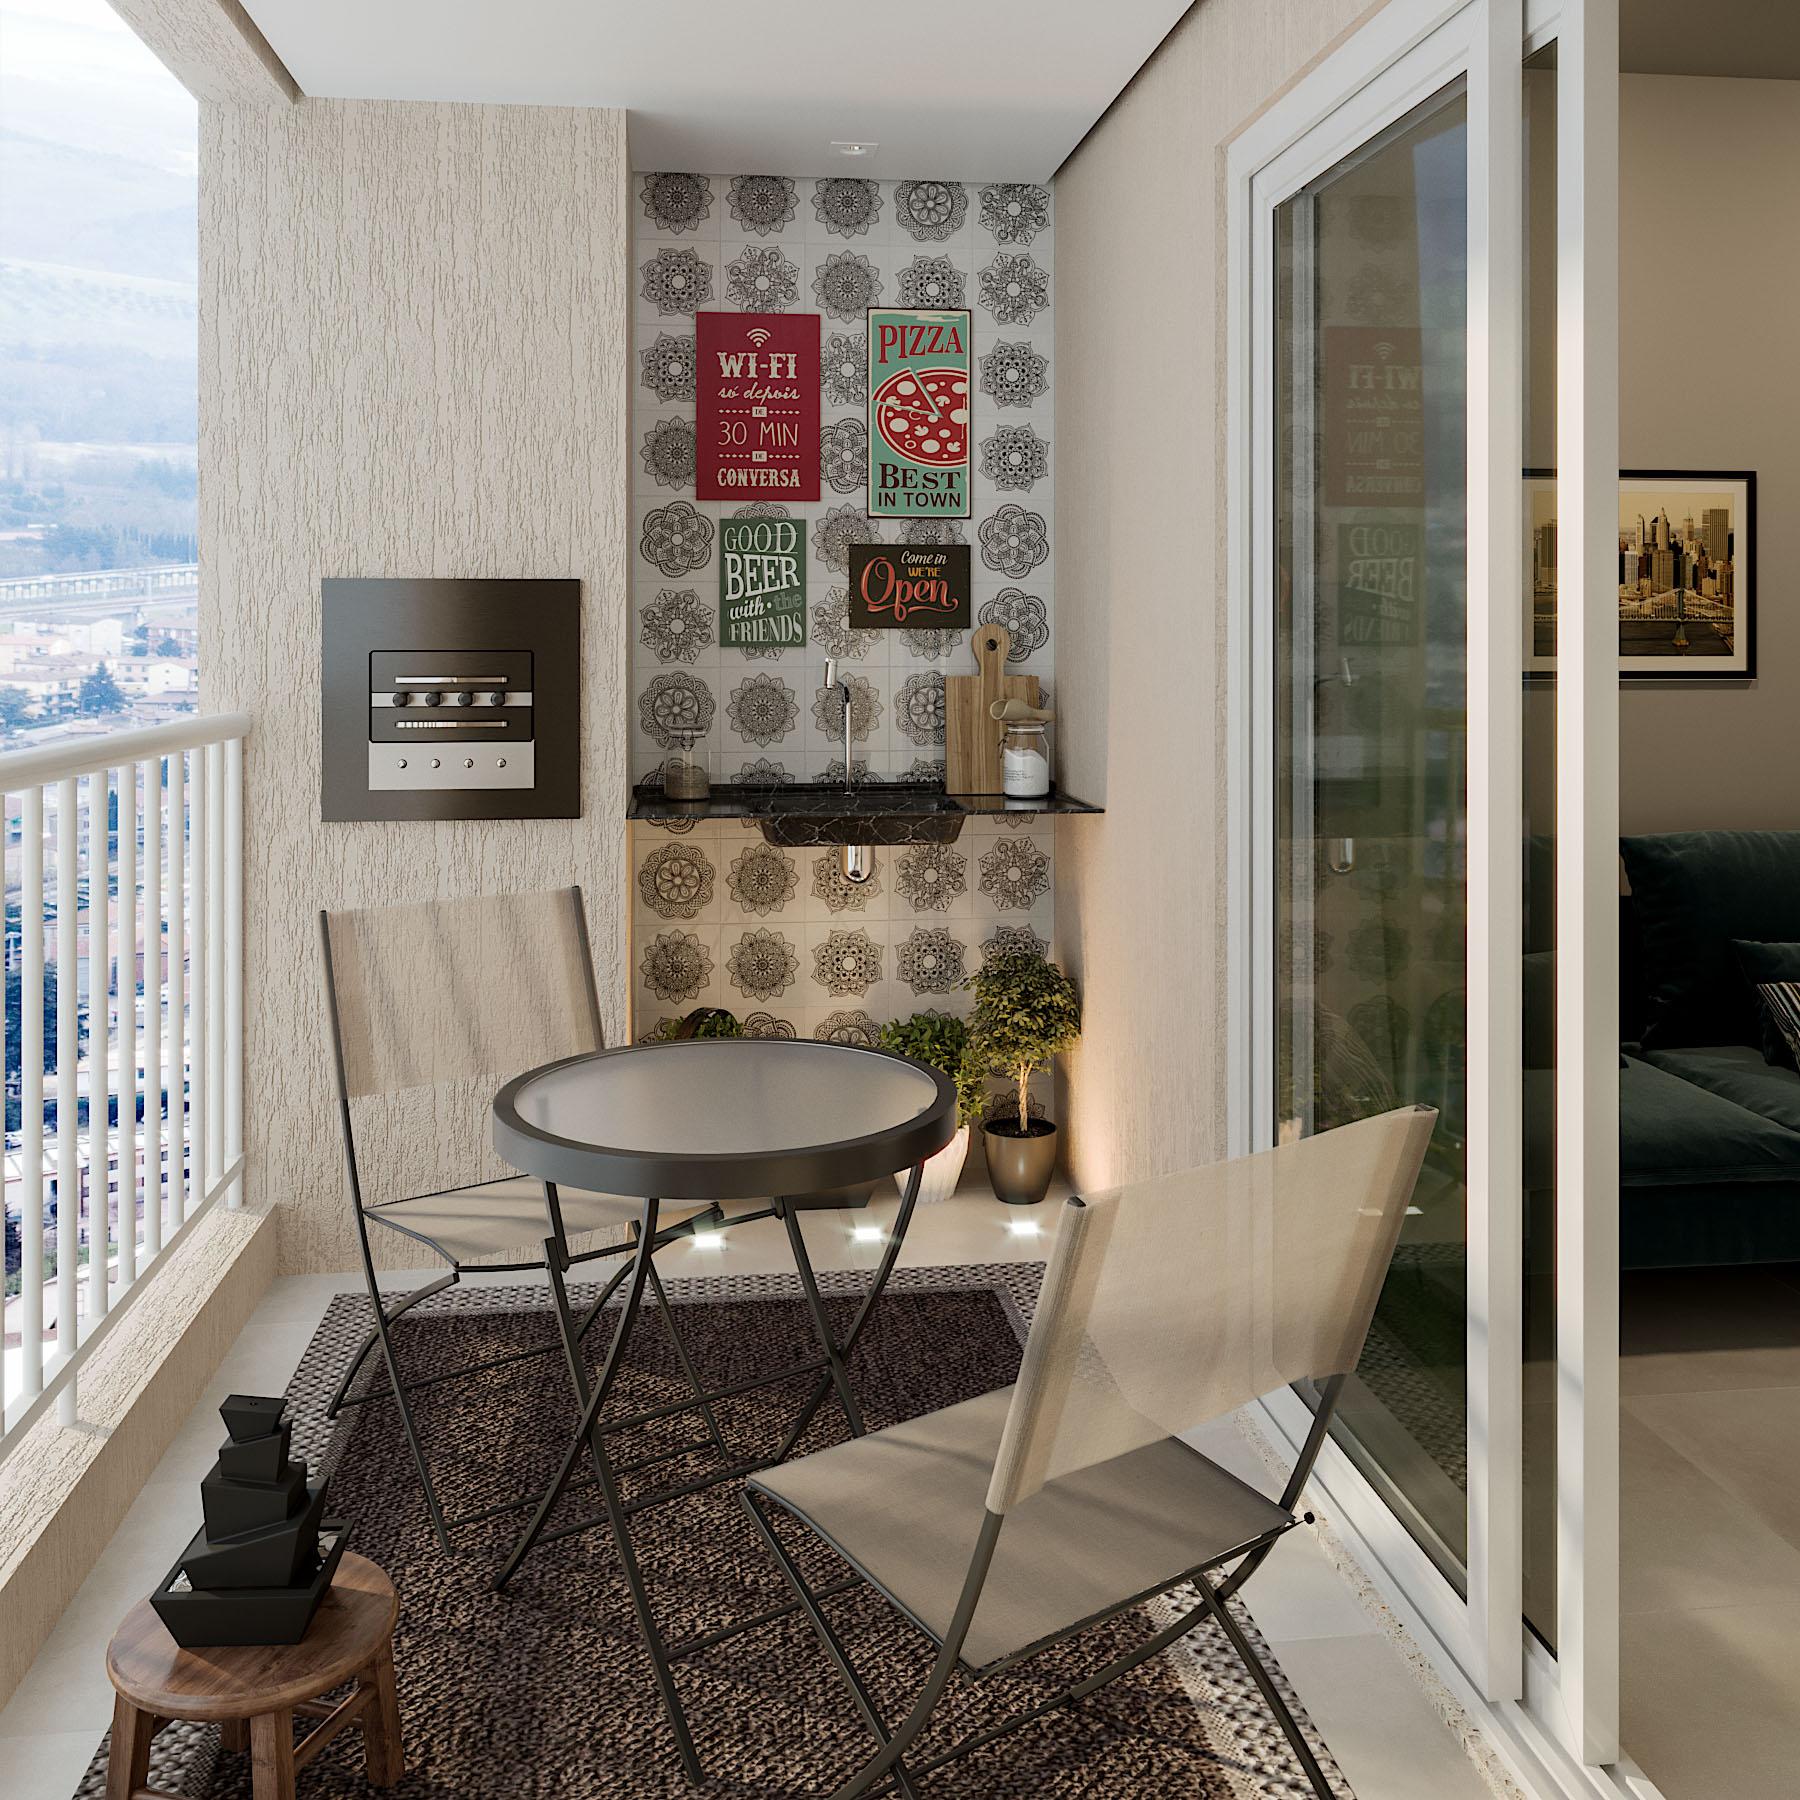 Apartamento Pequeno: Varanda De Apartamento Pequeno Com Mesa Externa